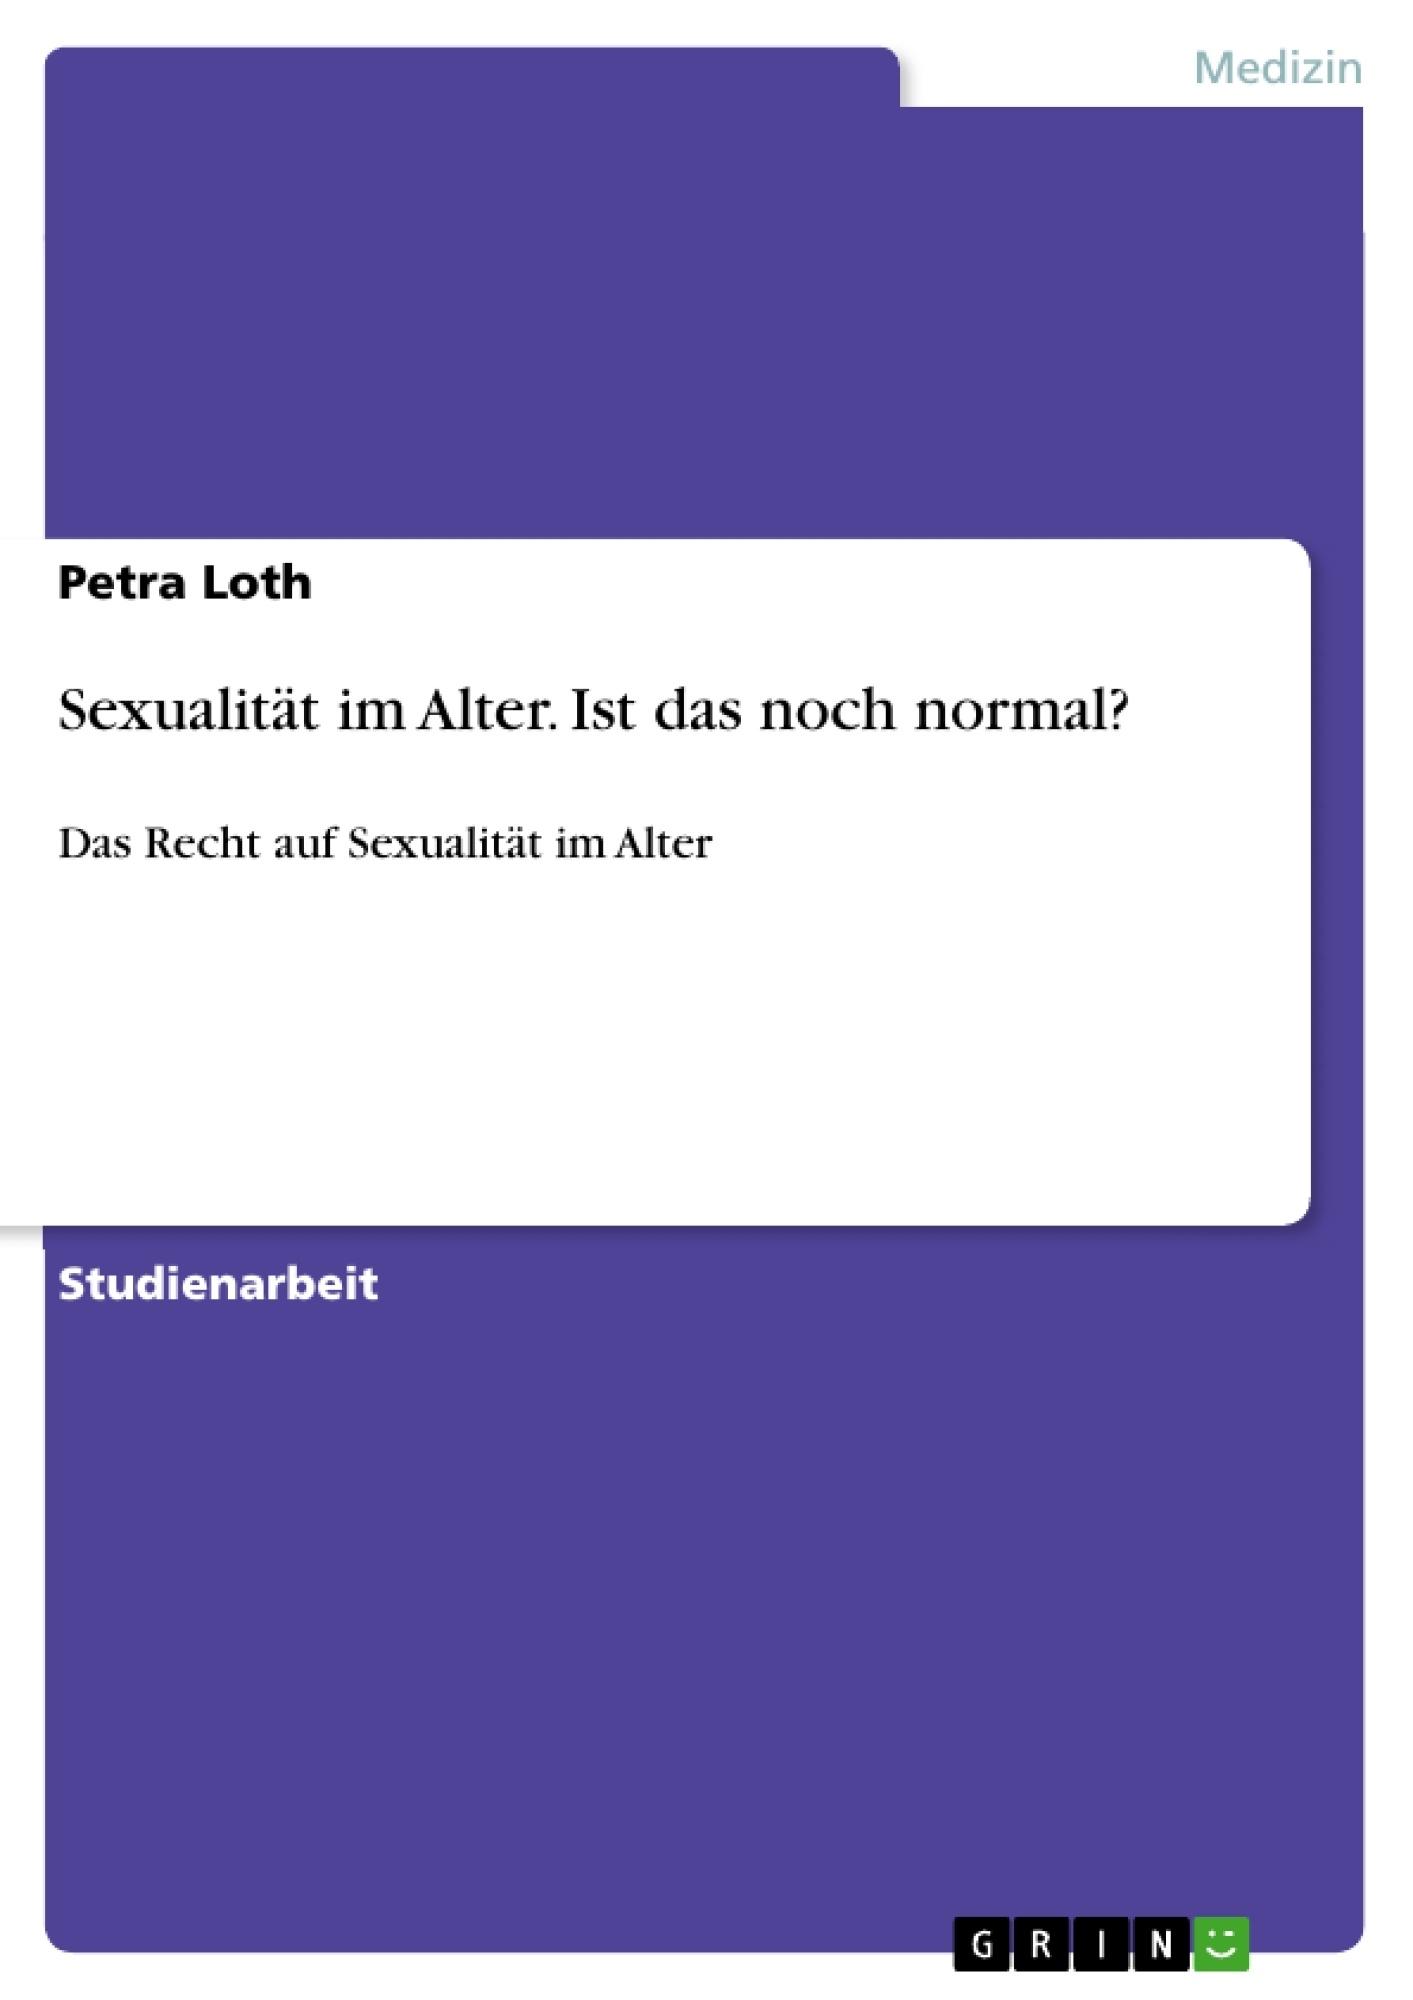 Titel: Sexualität im Alter. Ist das noch normal?